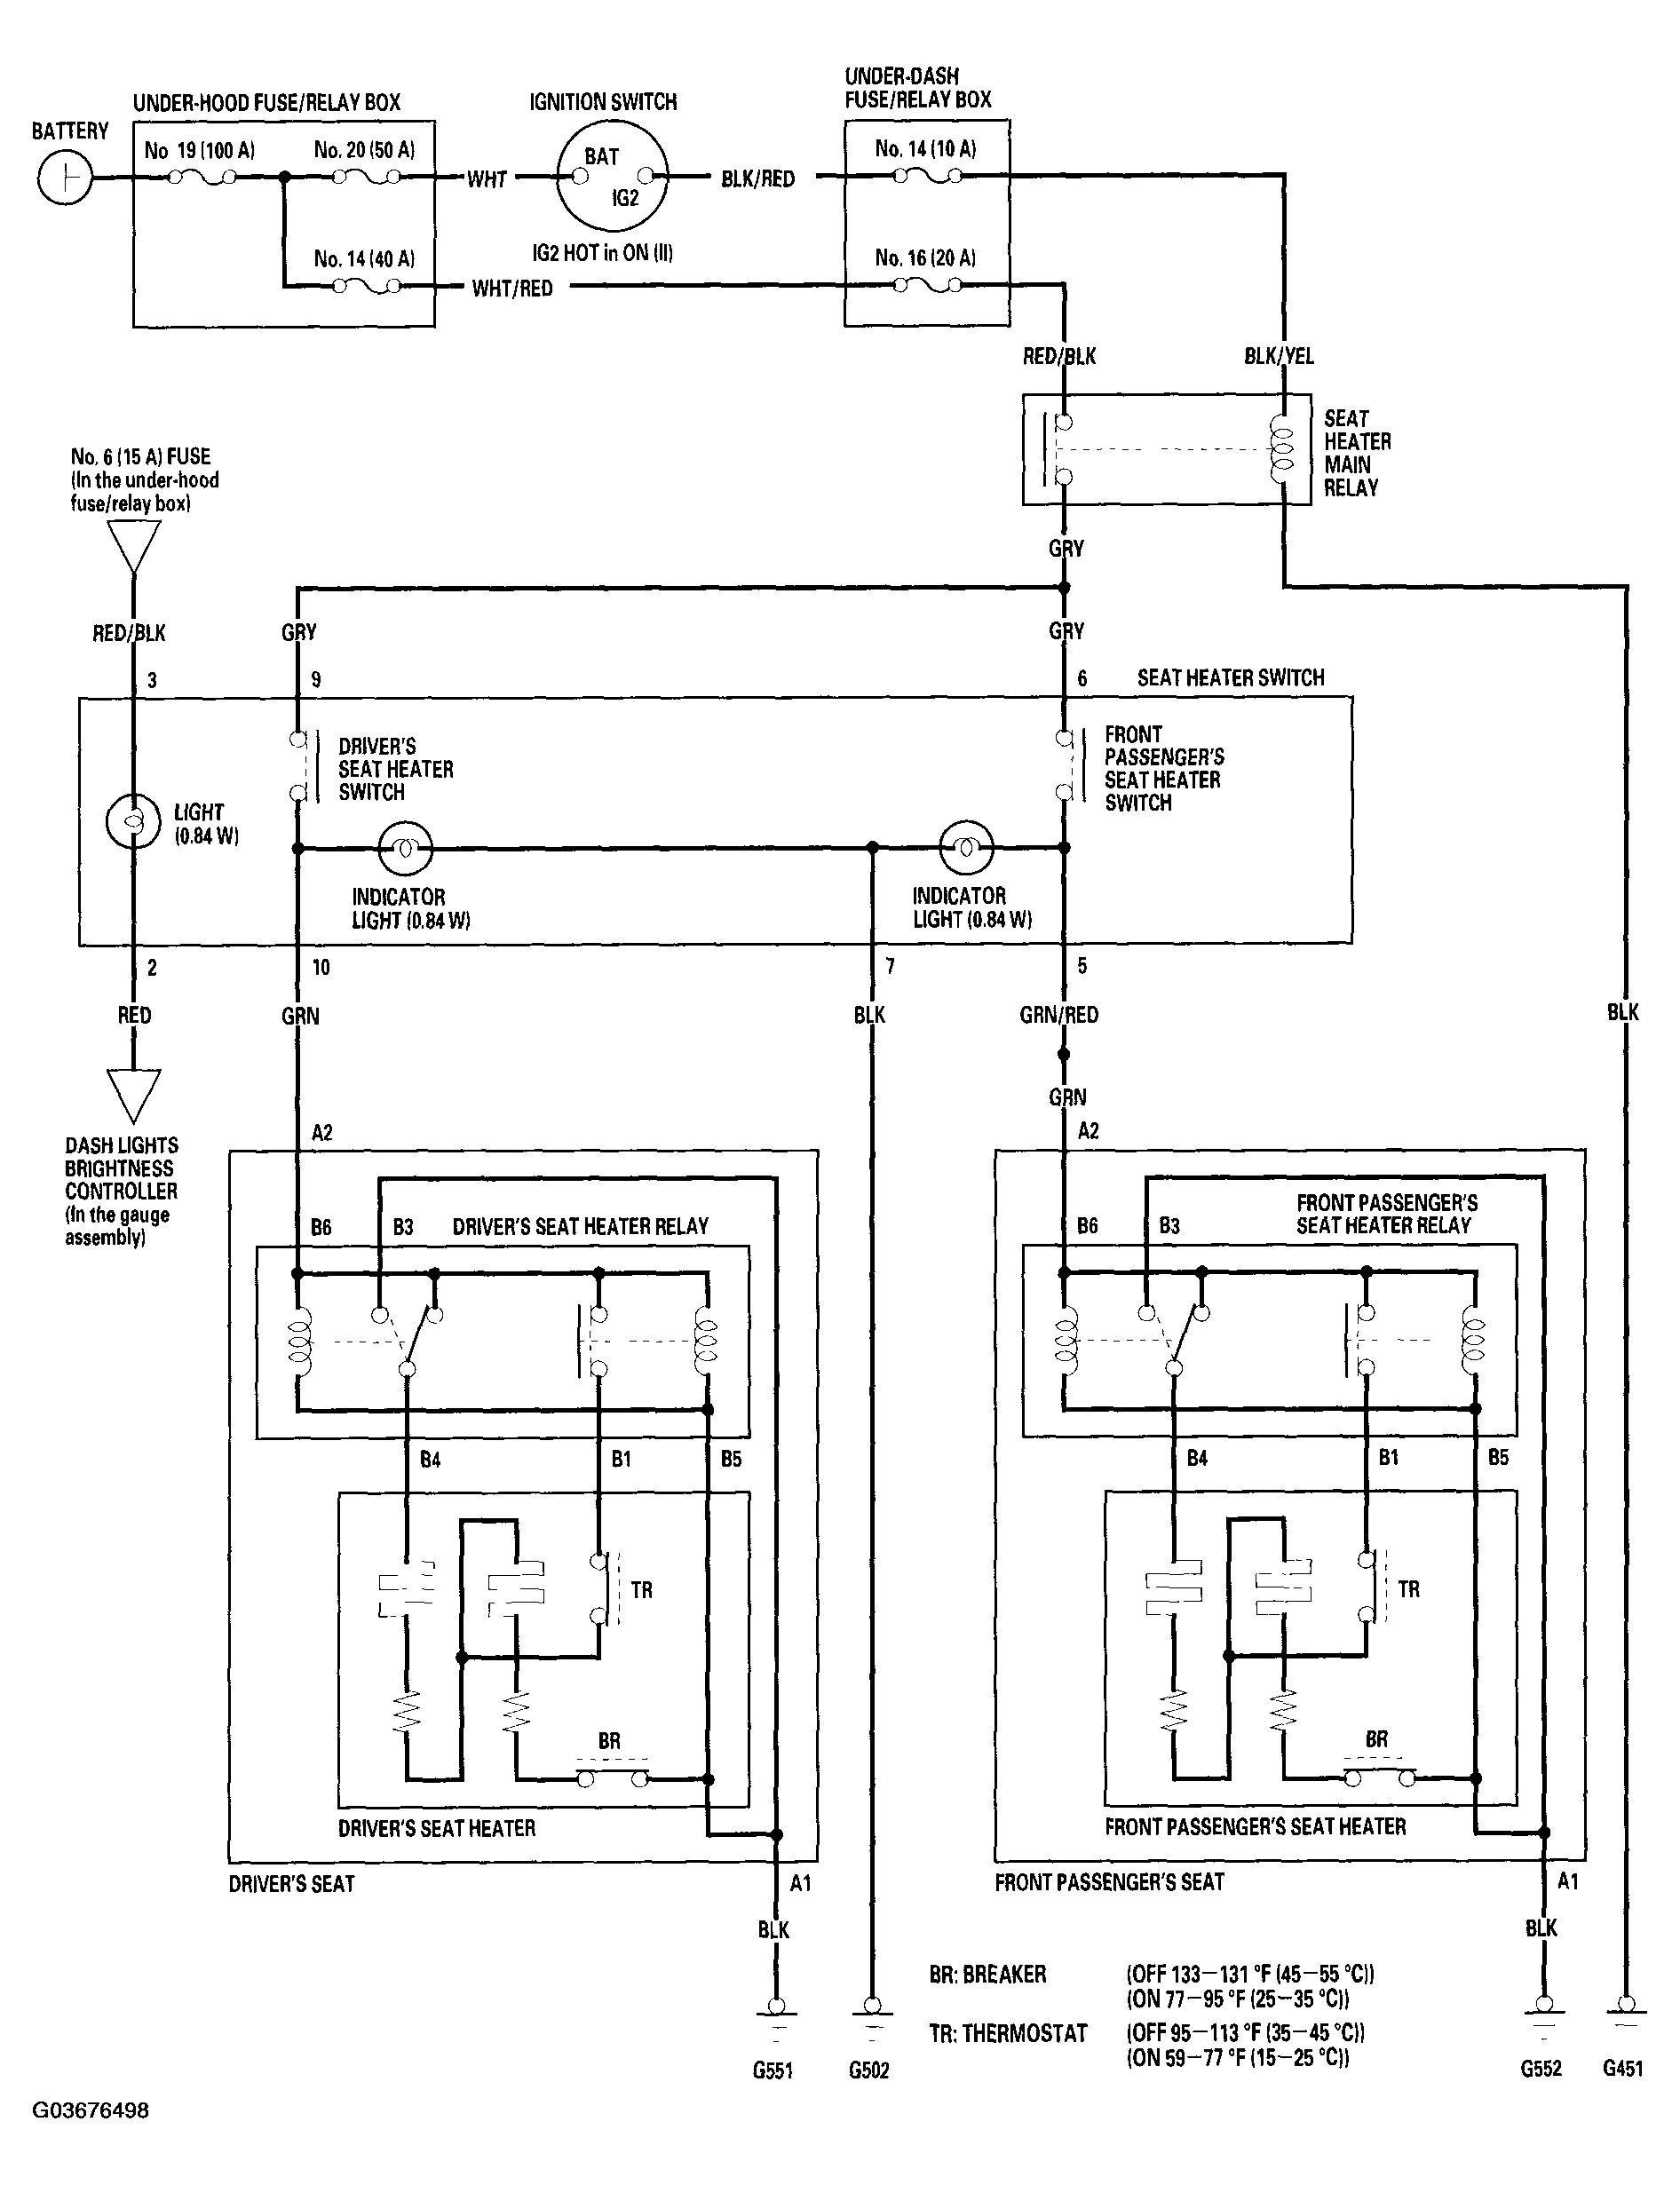 ... wiring diagram ac honda crv how to honda crv stereo wiring diagram rh  color castles com